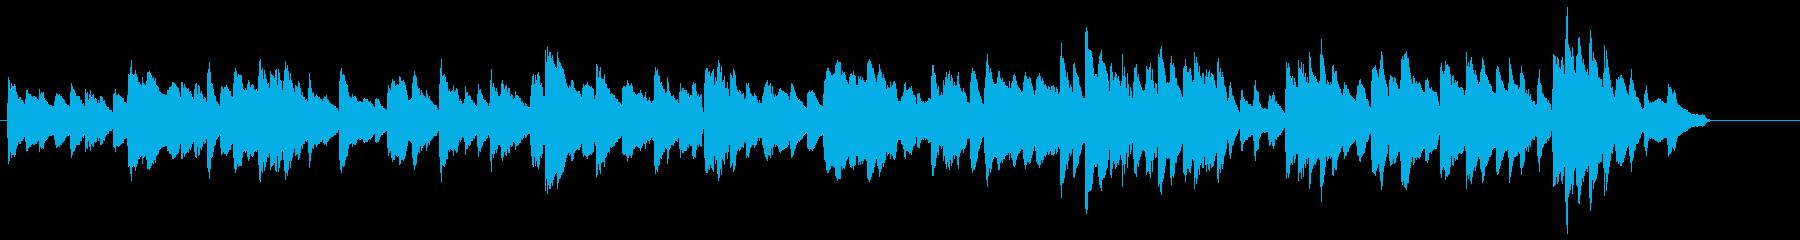 「悲壮」第2楽章 前半部分(部屋)の再生済みの波形